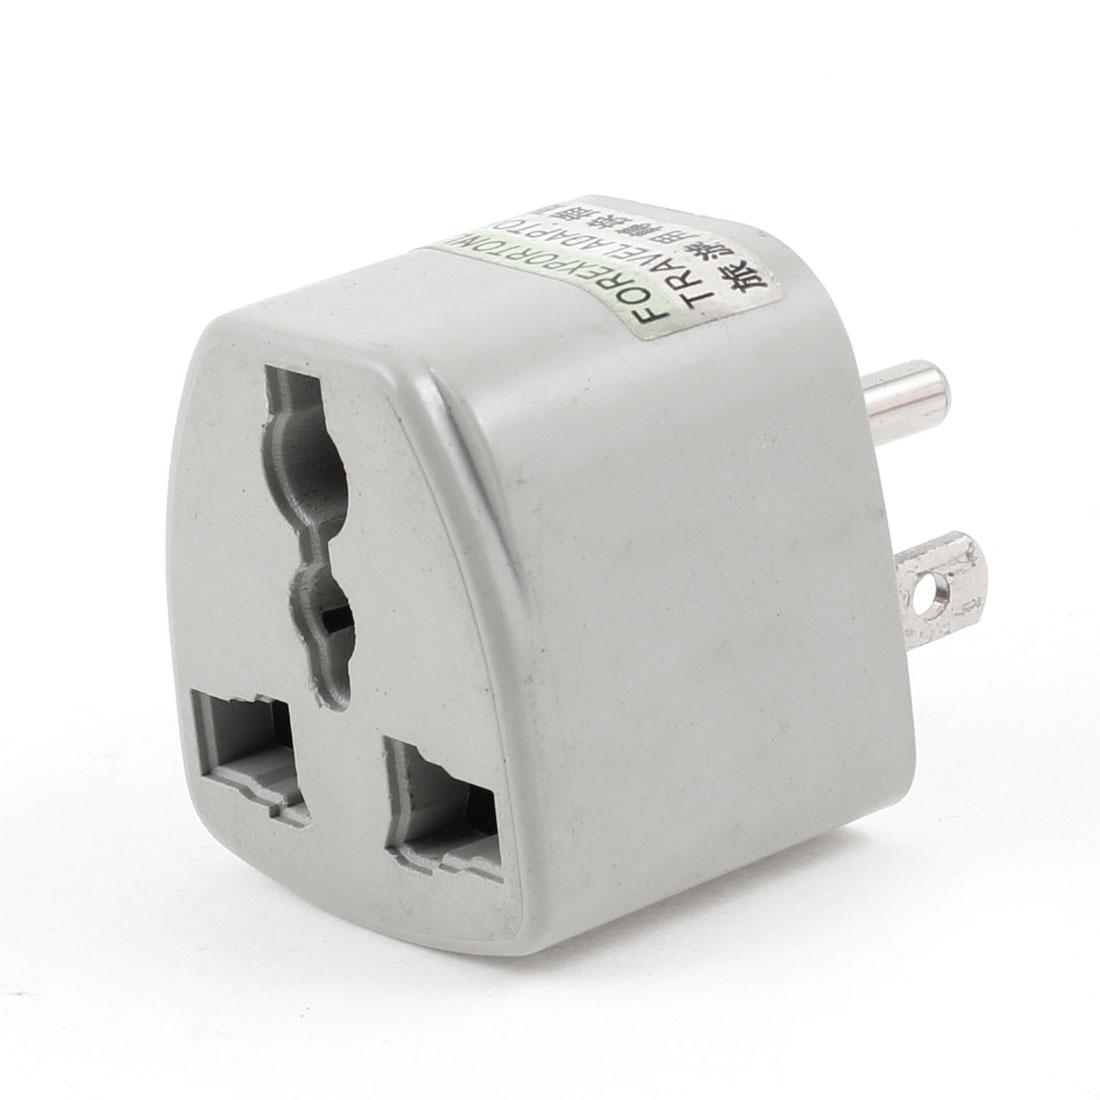 AC 250V AU EU UK to US Travel Converter AC Power Plug Adapter Gray